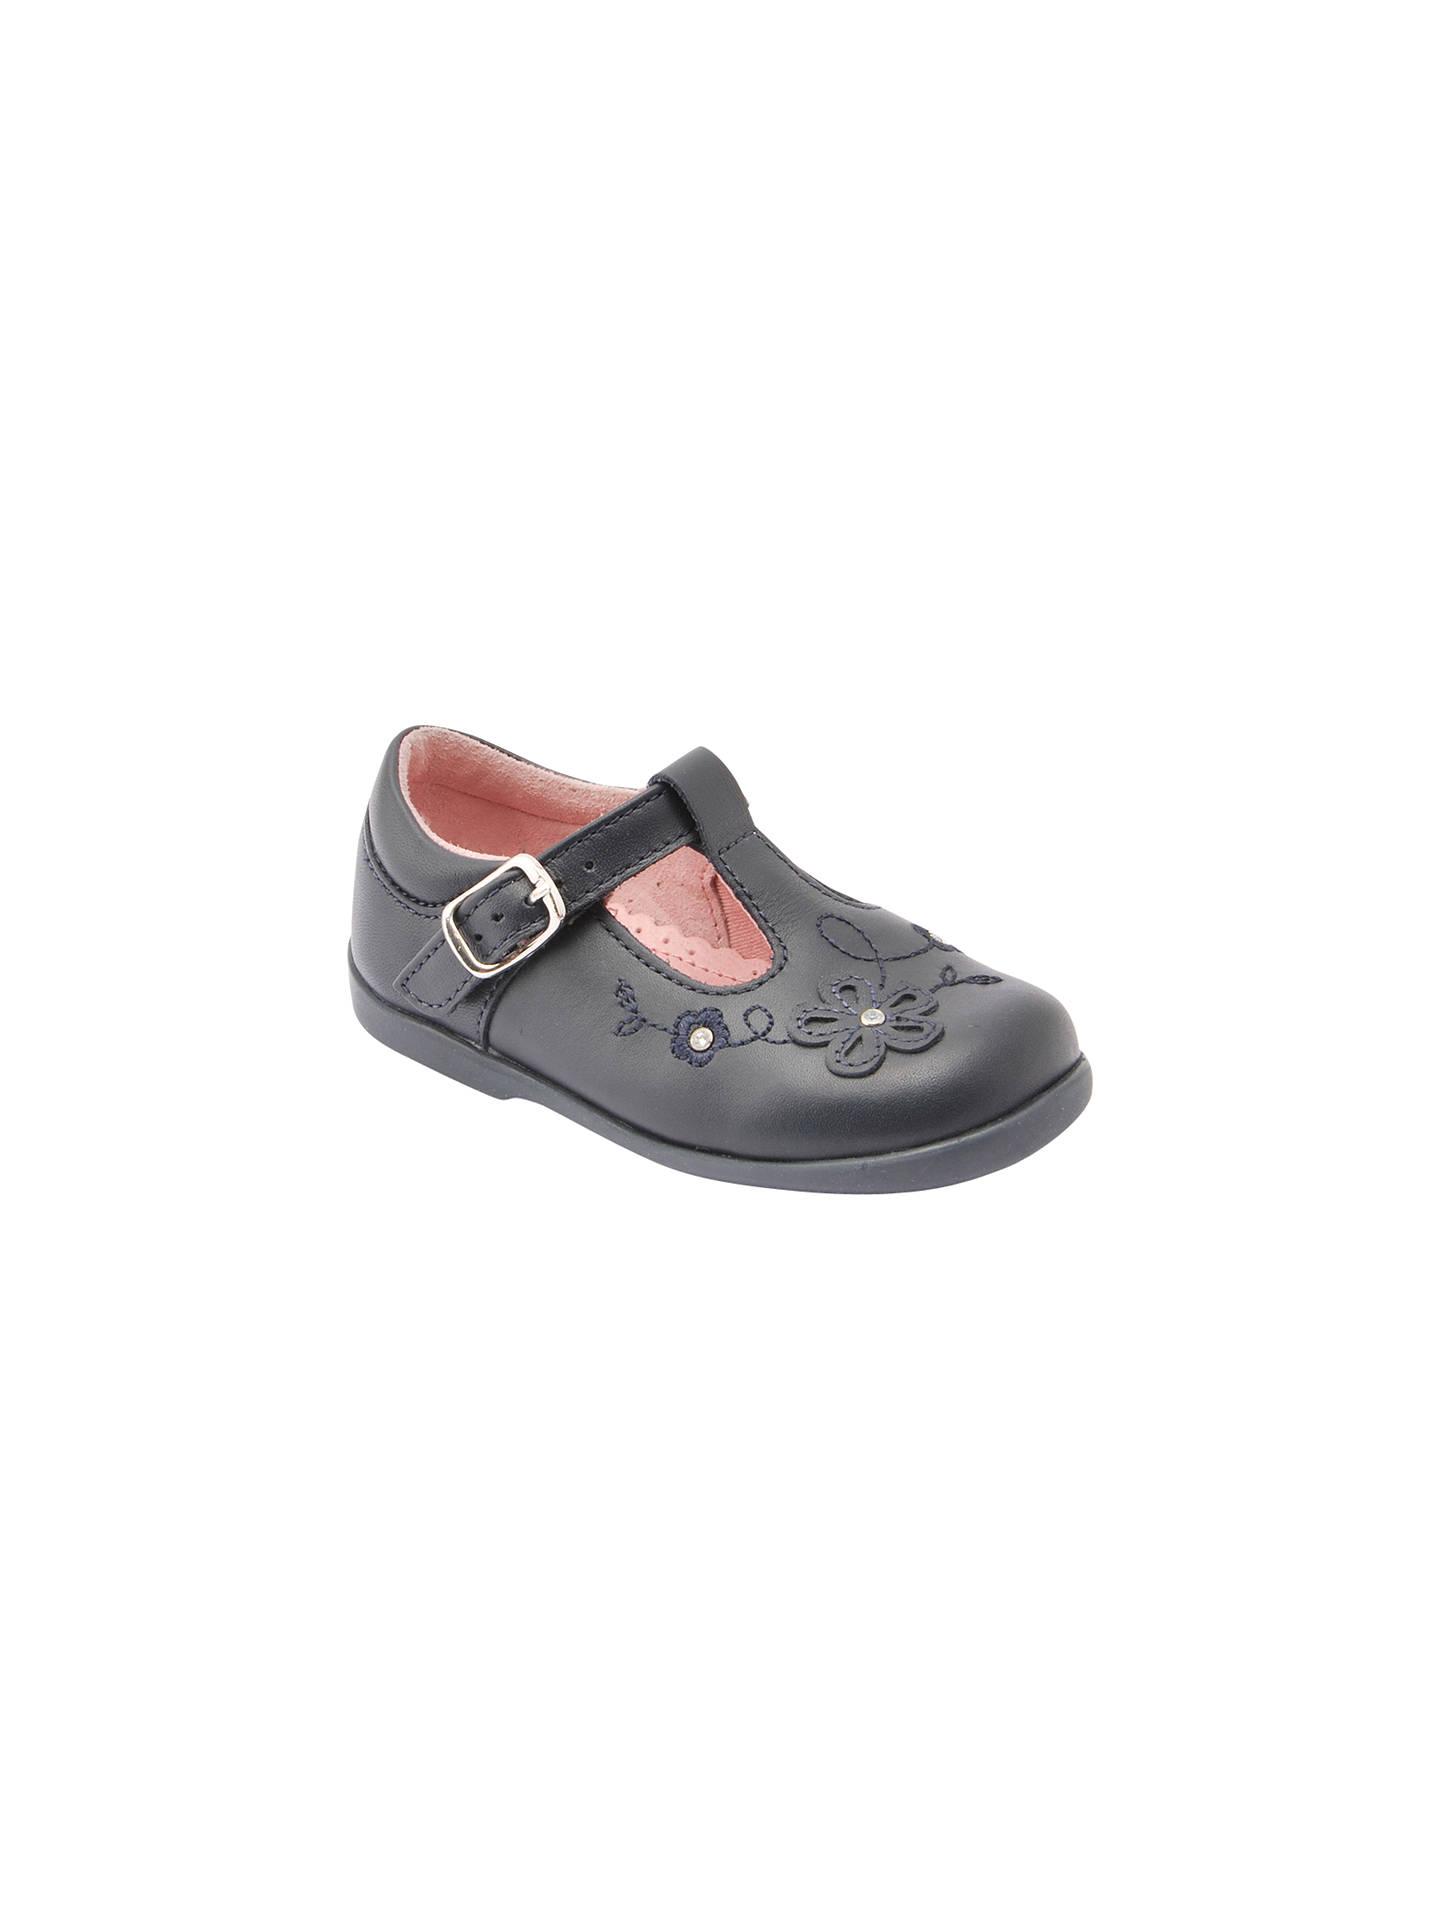 e1d7694493eb3 Buy Start-rite Children's Sunflower First T-Bar Shoes, Navy, 4E Jnr ...